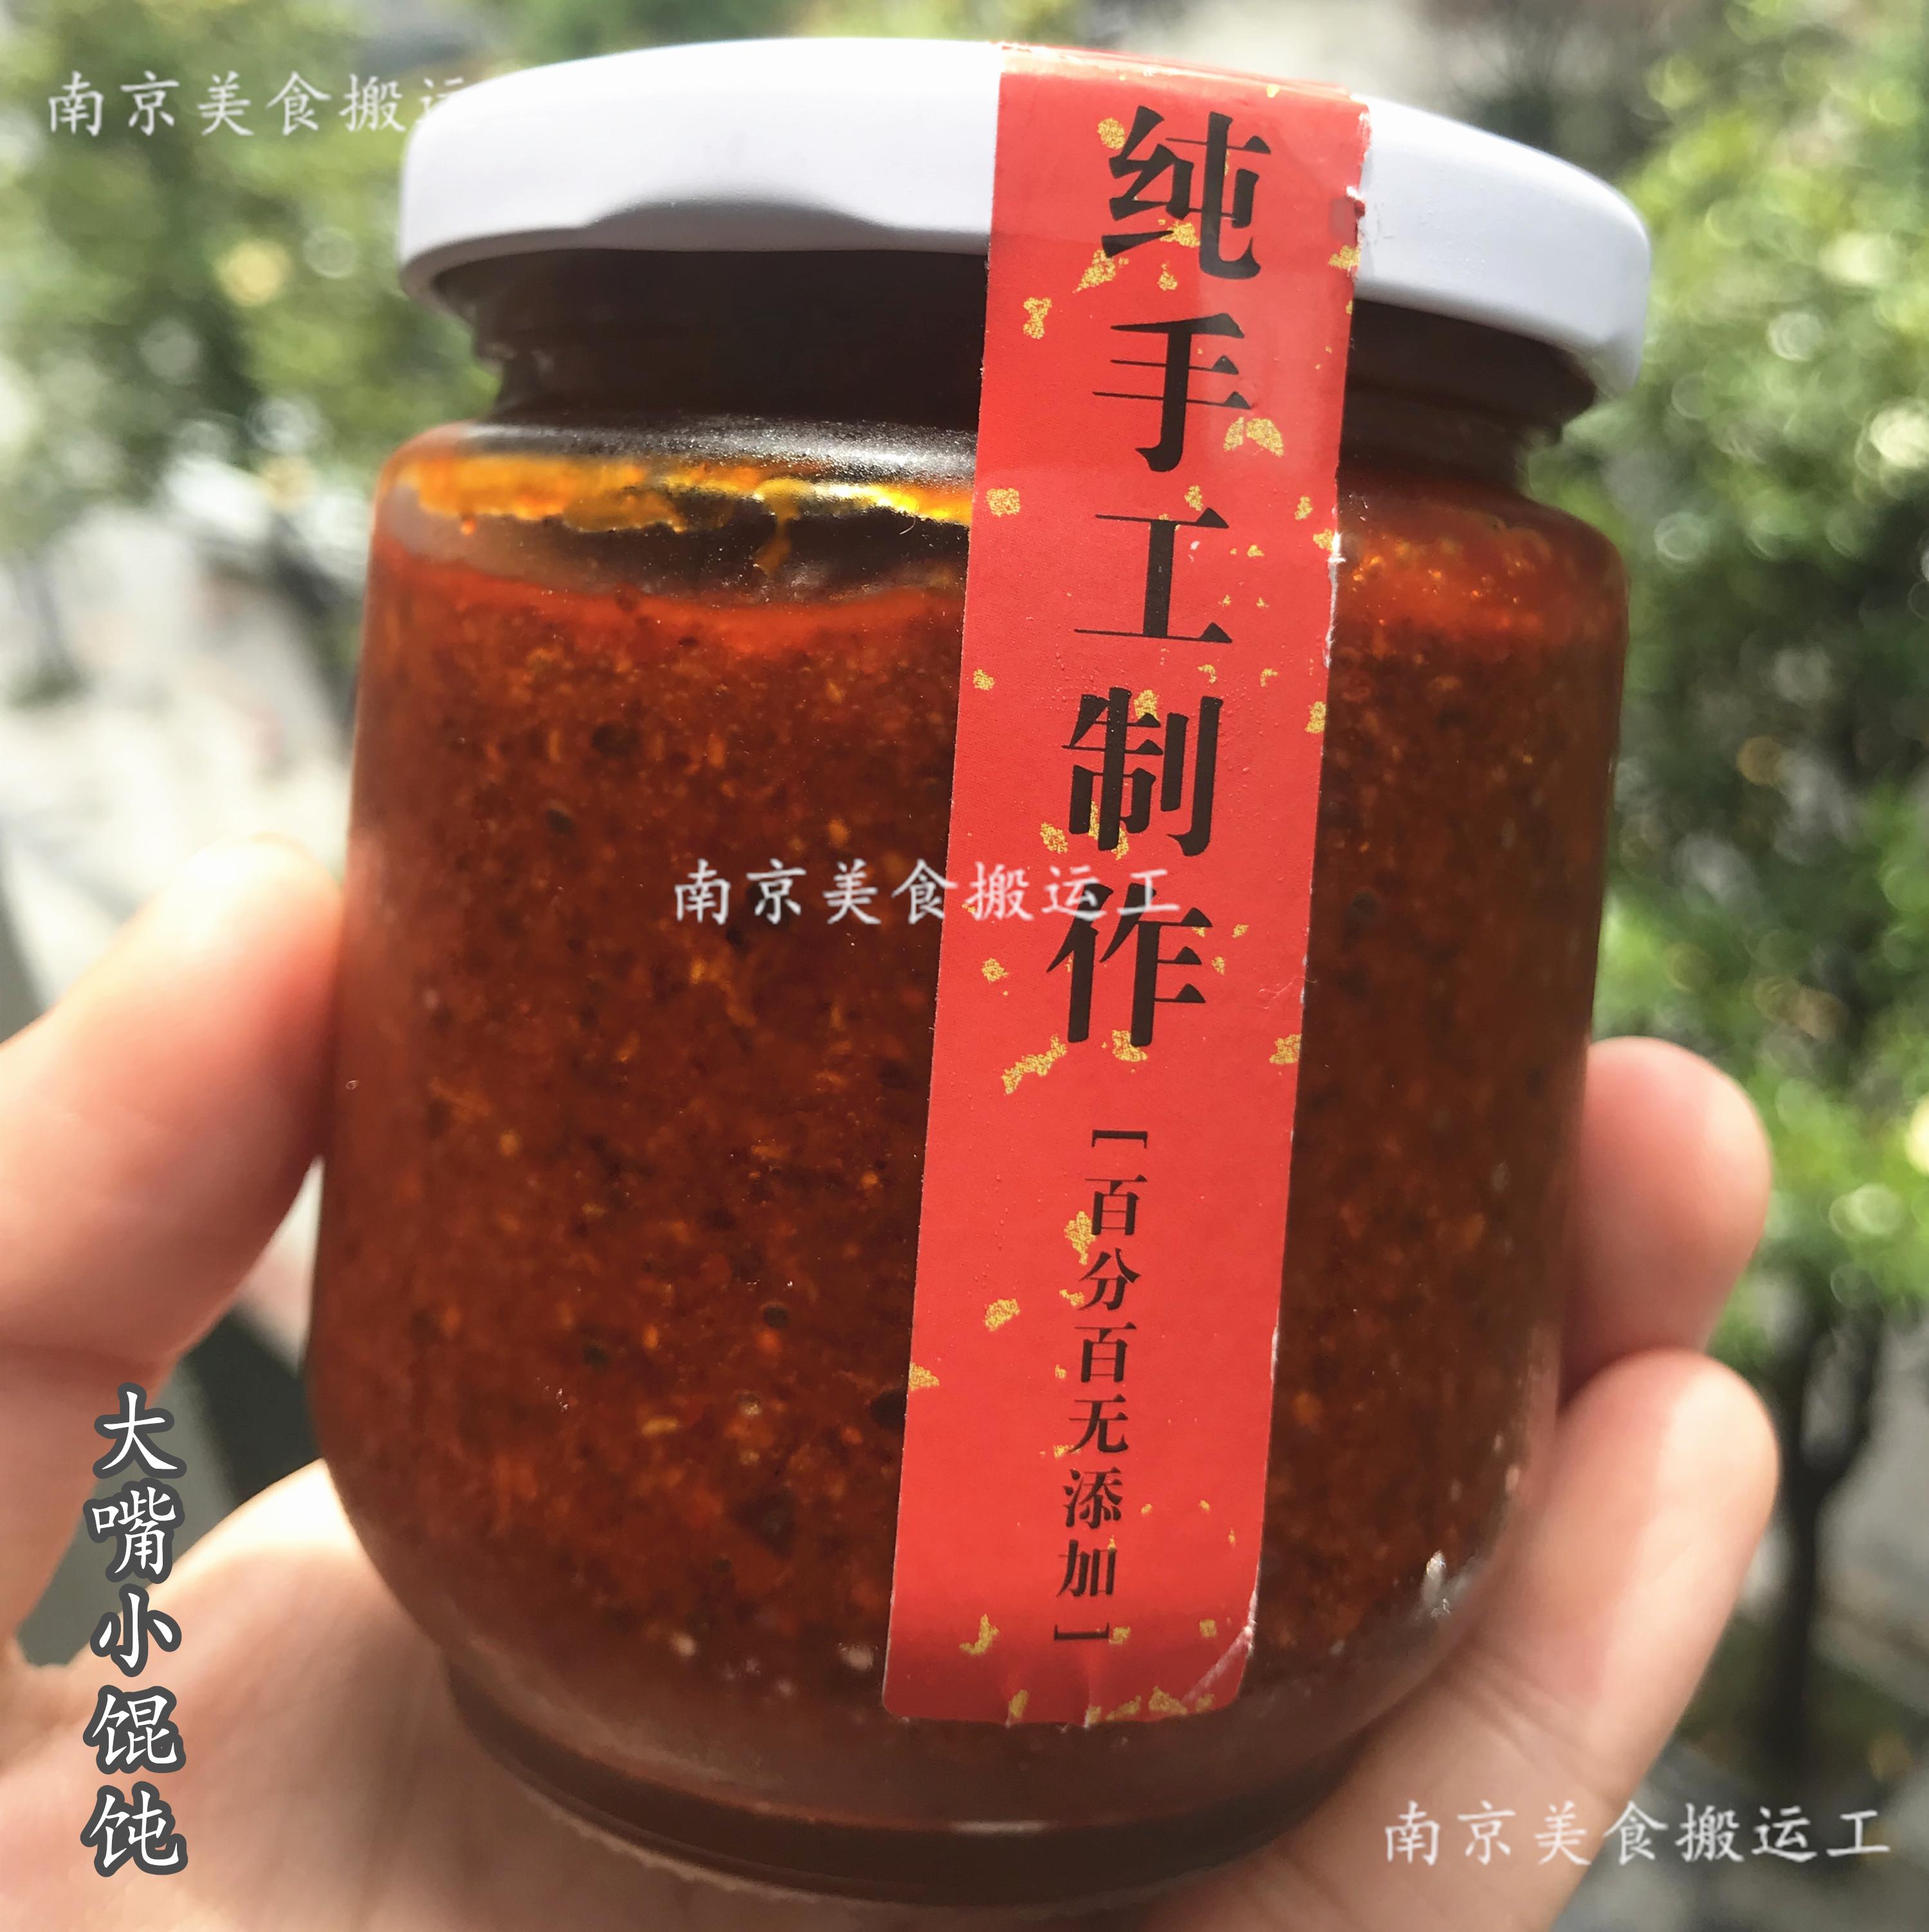 大嘴小馄饨南京特色小馄饨老式柴火馄饨辣油 辣椒油 满2瓶包邮券后34.00元